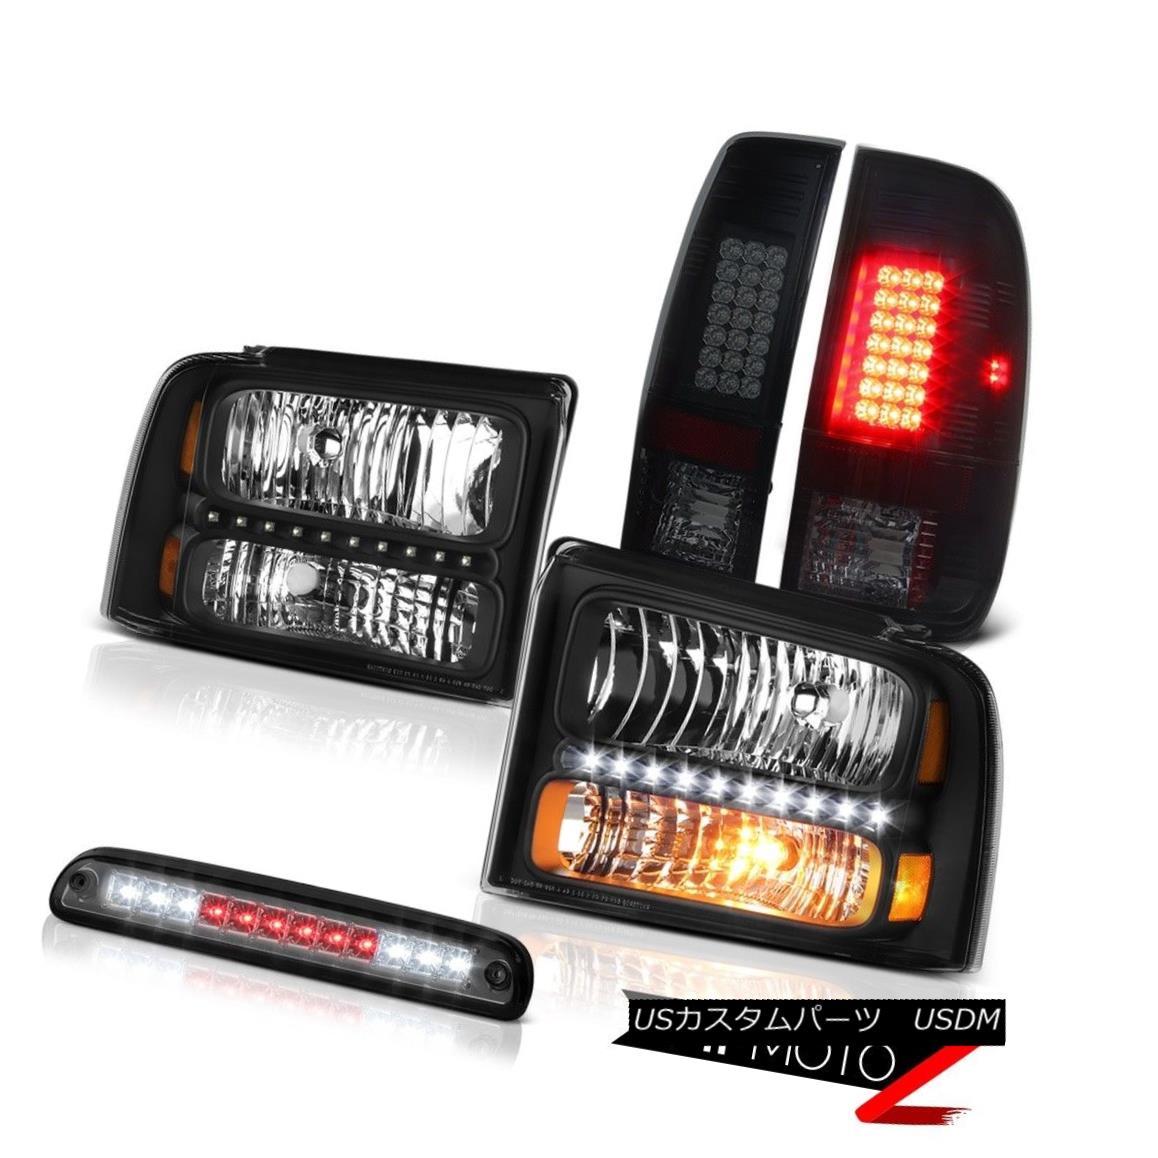 テールライト 05 06 07 F350 Lariat Black Headlamps Sinister LED Tail Lights High Brake Cargo 05 06 07 F350ラリアット・ブラックヘッドランプ不快なLEDテール・ライトハイ・ブレーキ・カーゴ